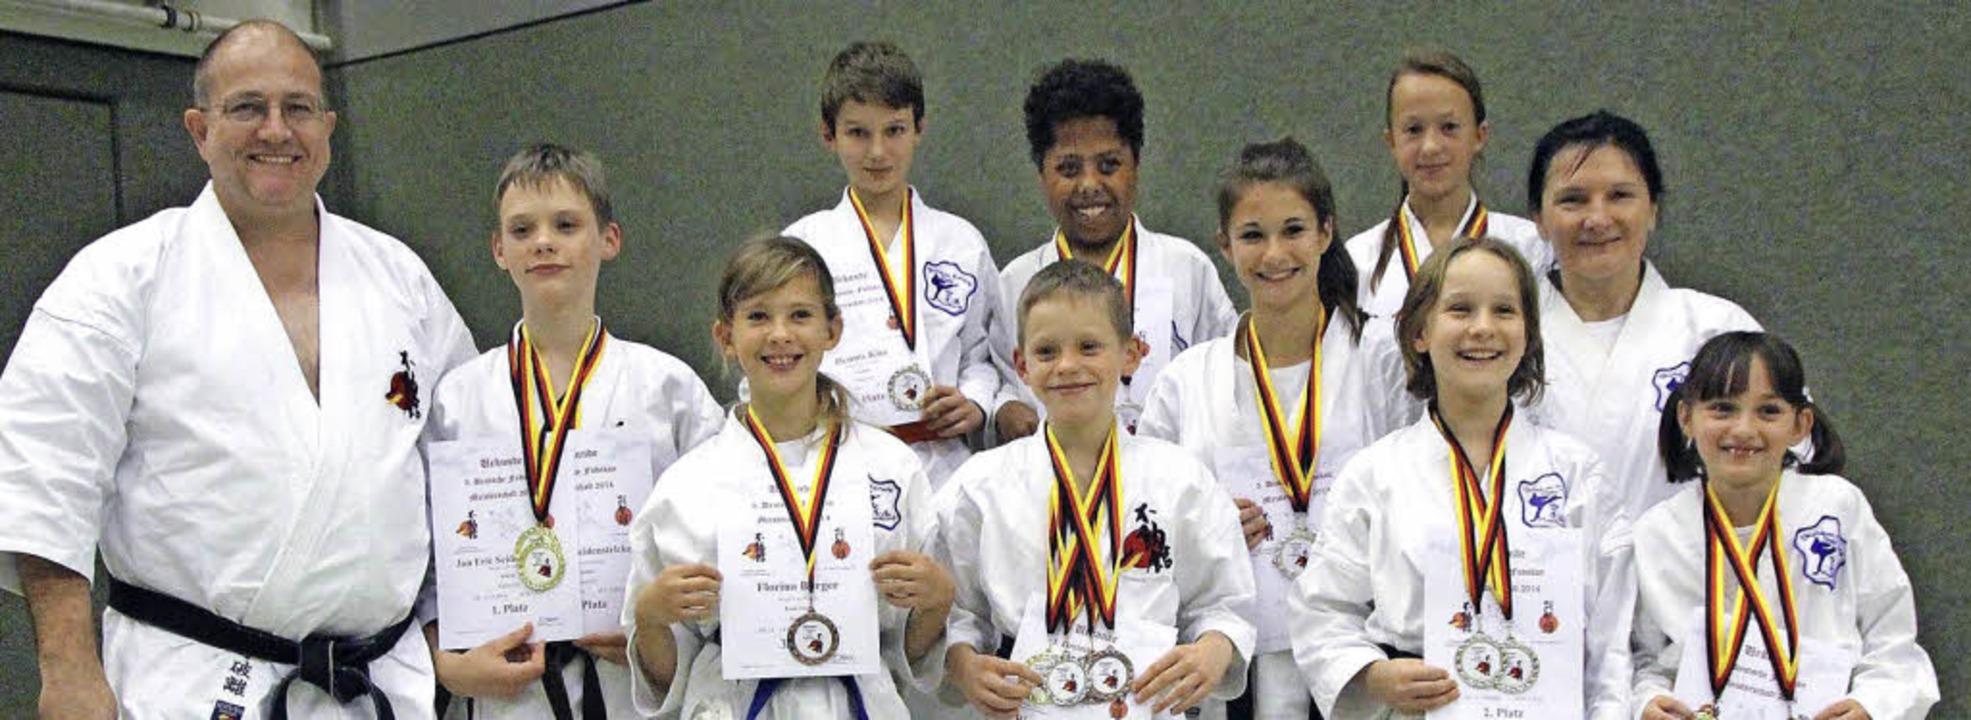 Steinens Karateka haben  an der Fudoka...neun  Deutsche Meistertitel errungen.     Foto: zvg